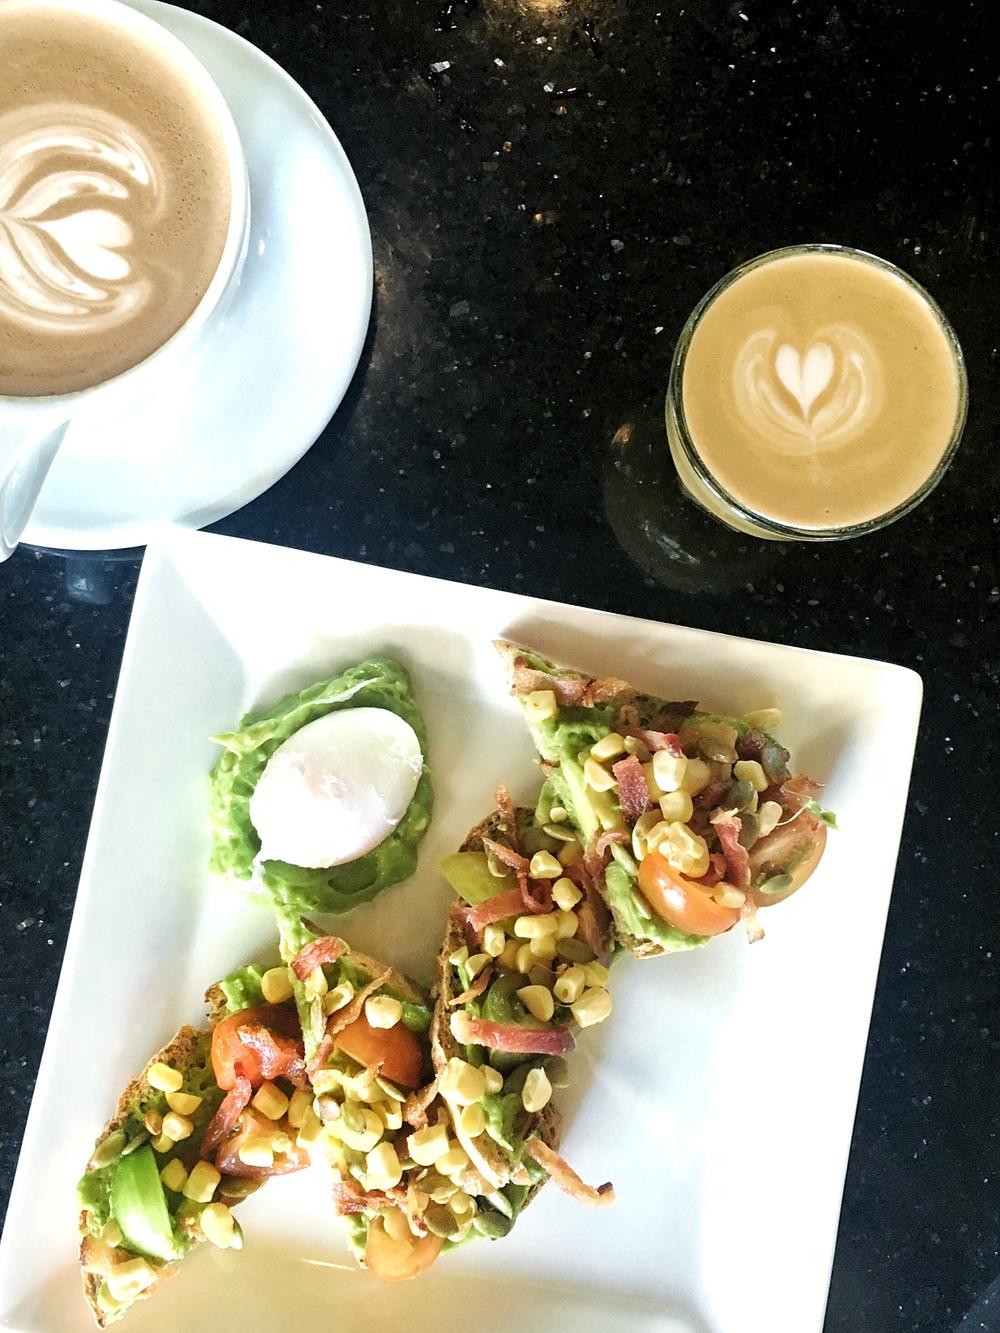 Black Eye Coffee CapHill -Avocado Toast, Latte, Cortado